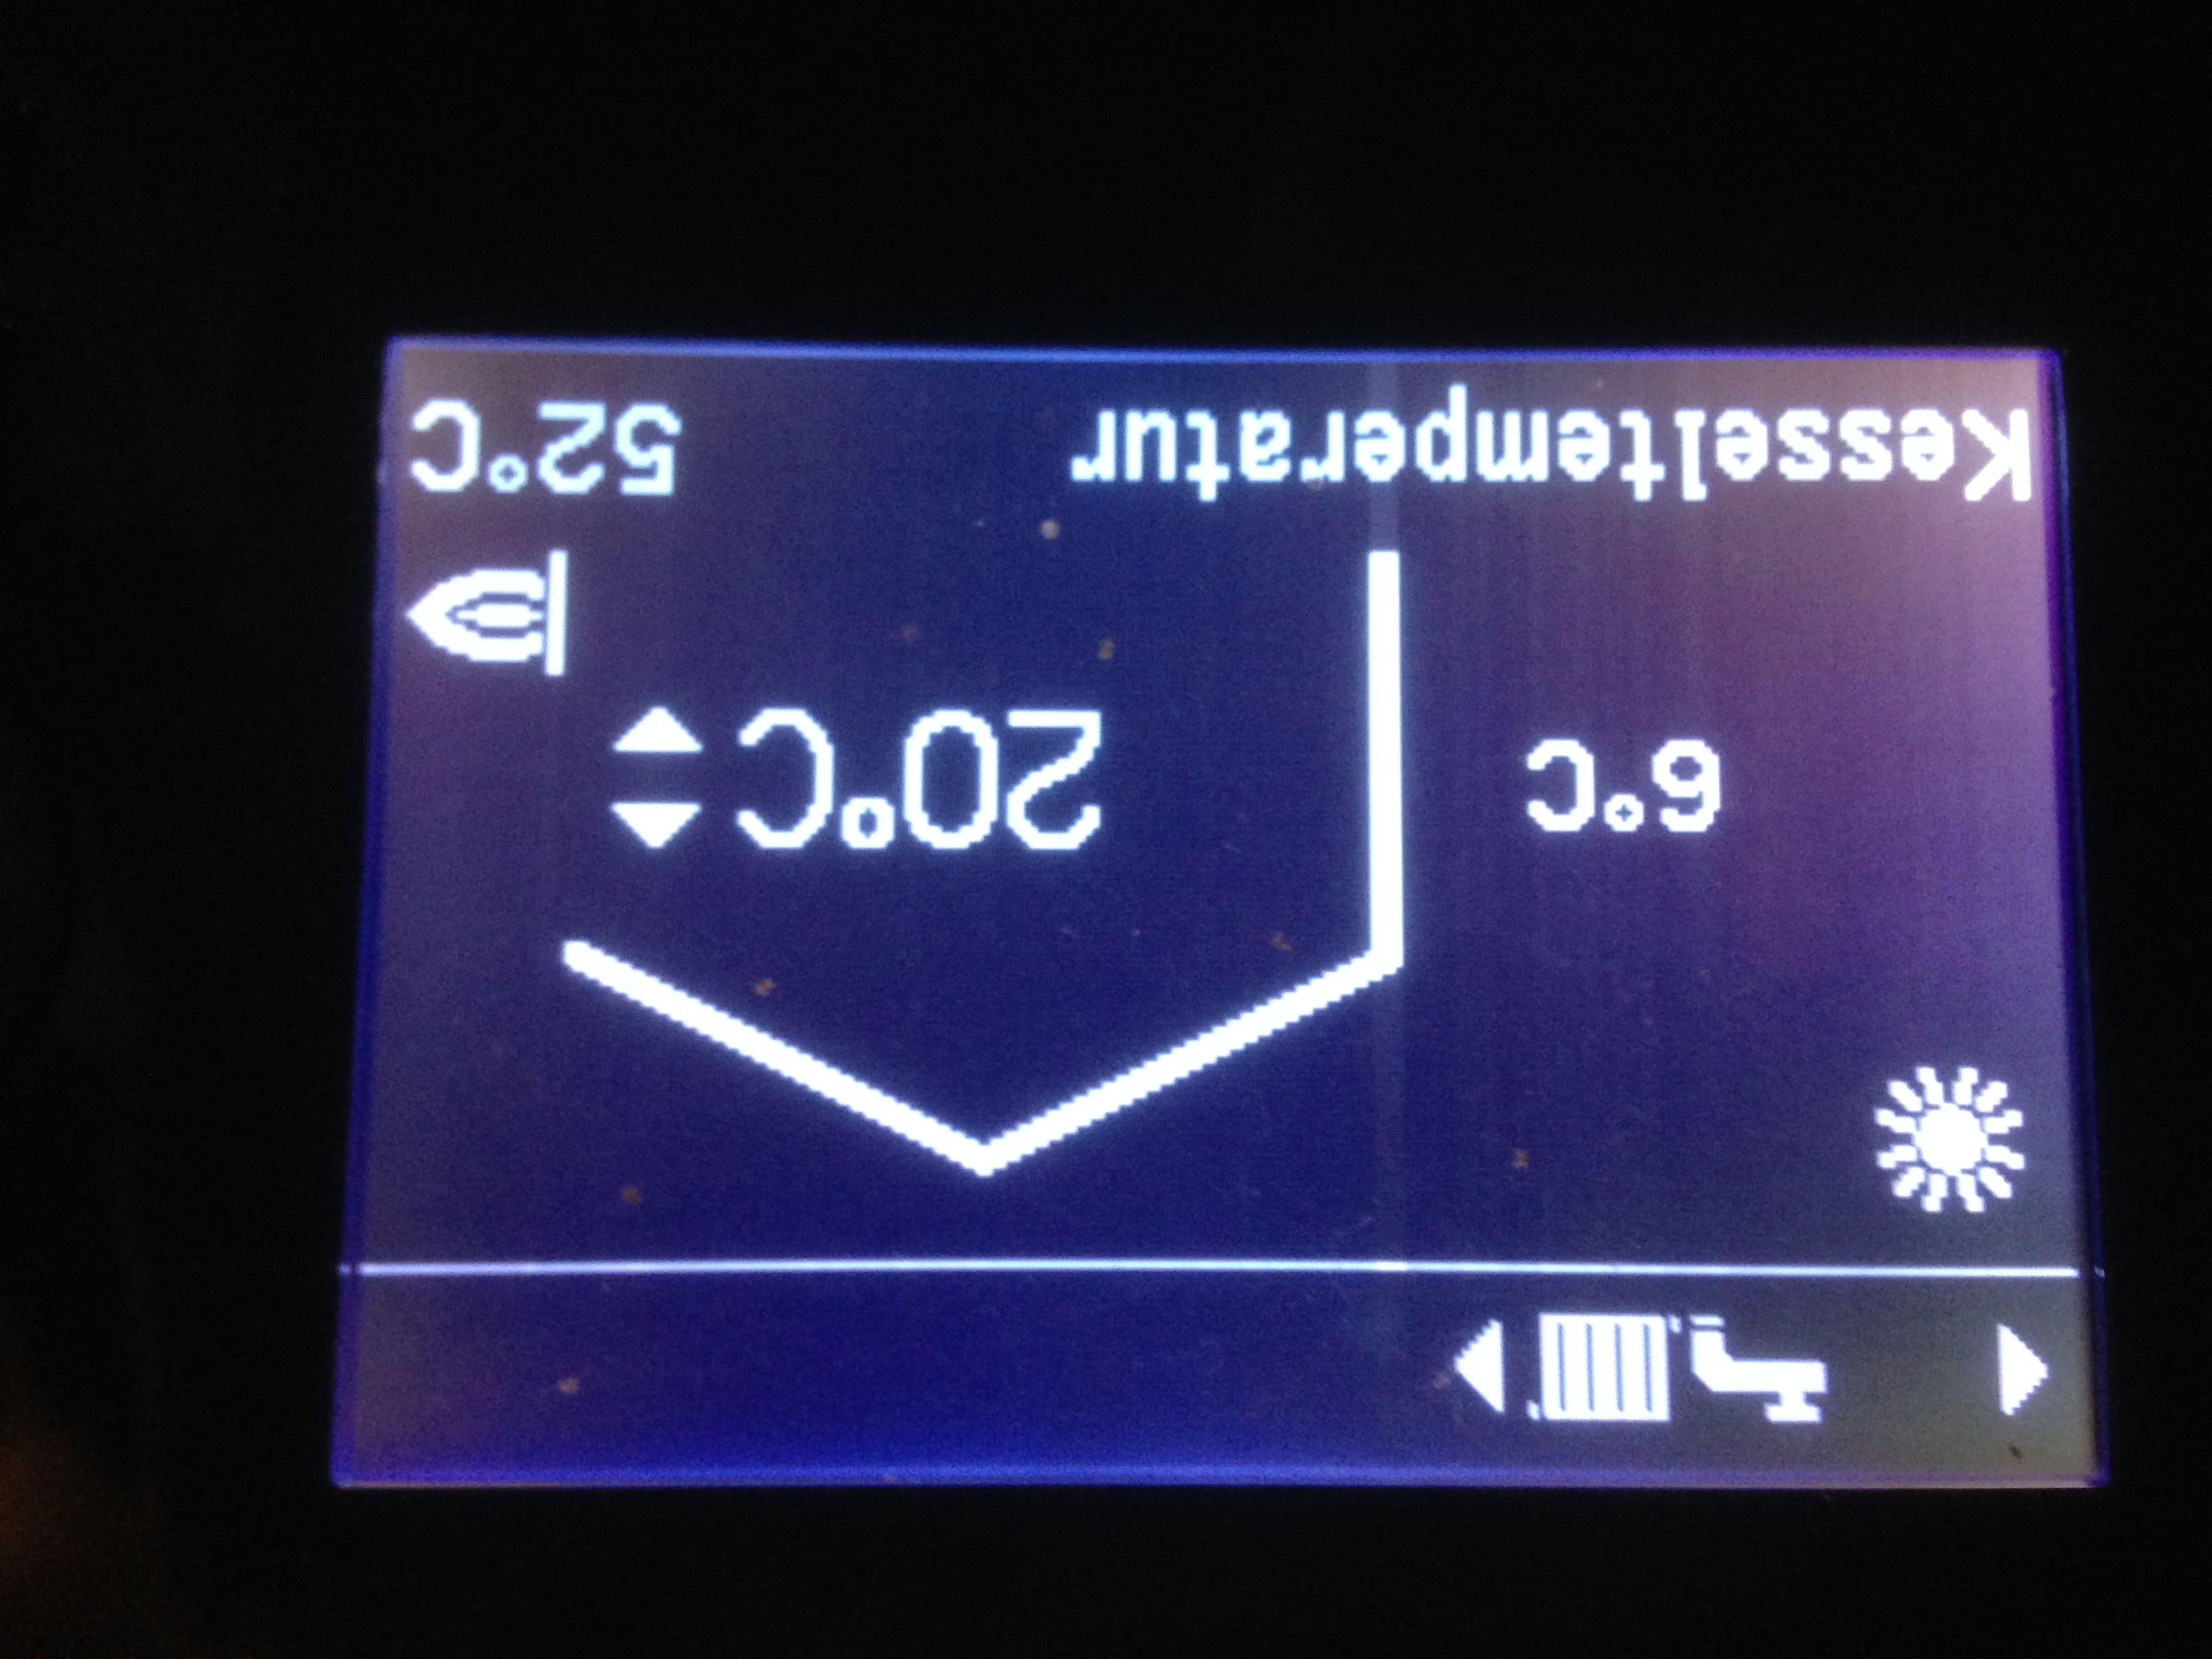 Raumtemperatur-Sollwertanzeige der Brennwertheizung.